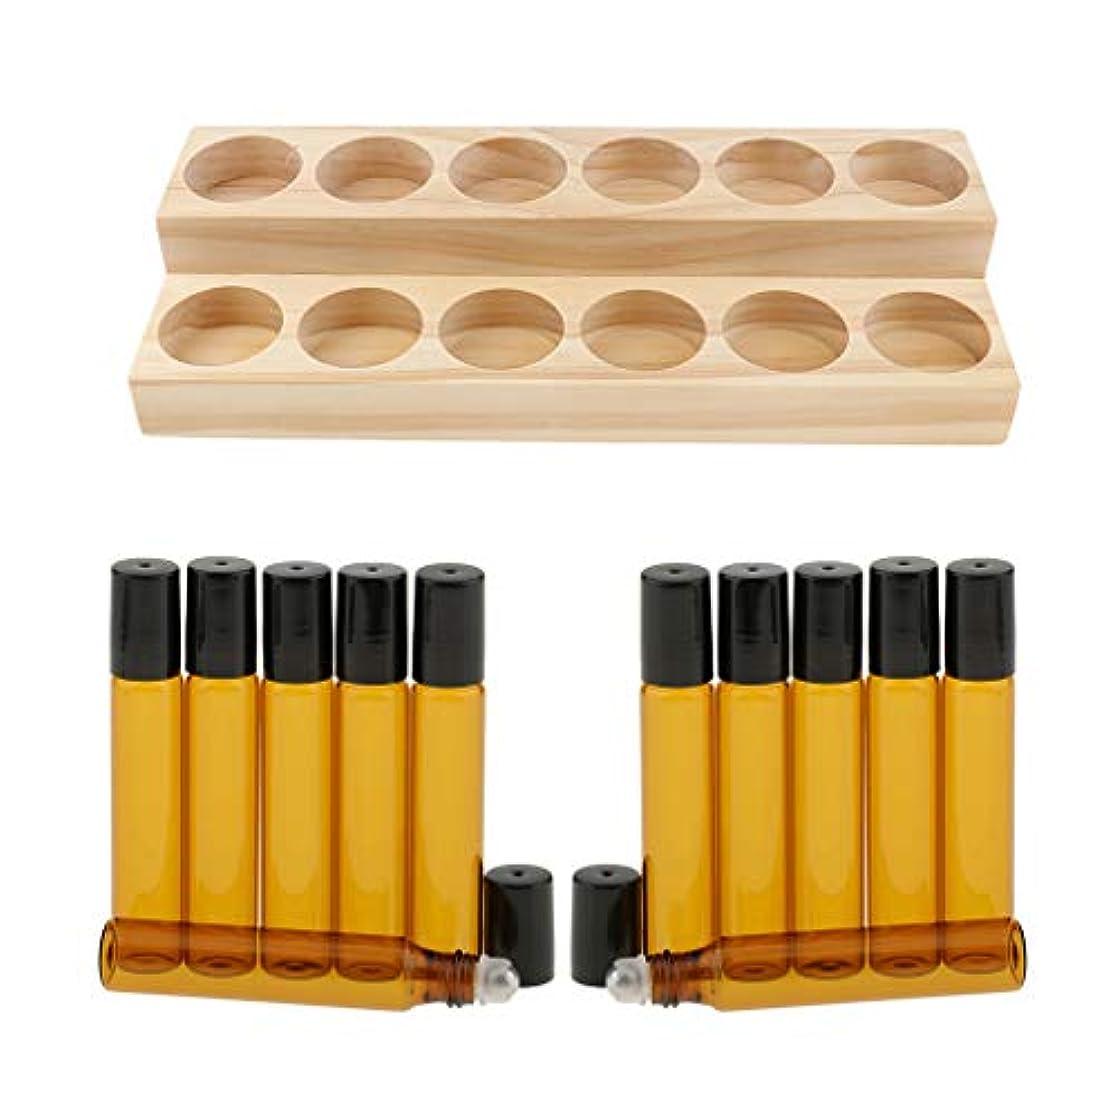 孤児慢な是正する収納ラック オーガナイザー 木製スタンド エッセンシャルオイル 精油 香水 展示 12個ガラス瓶付